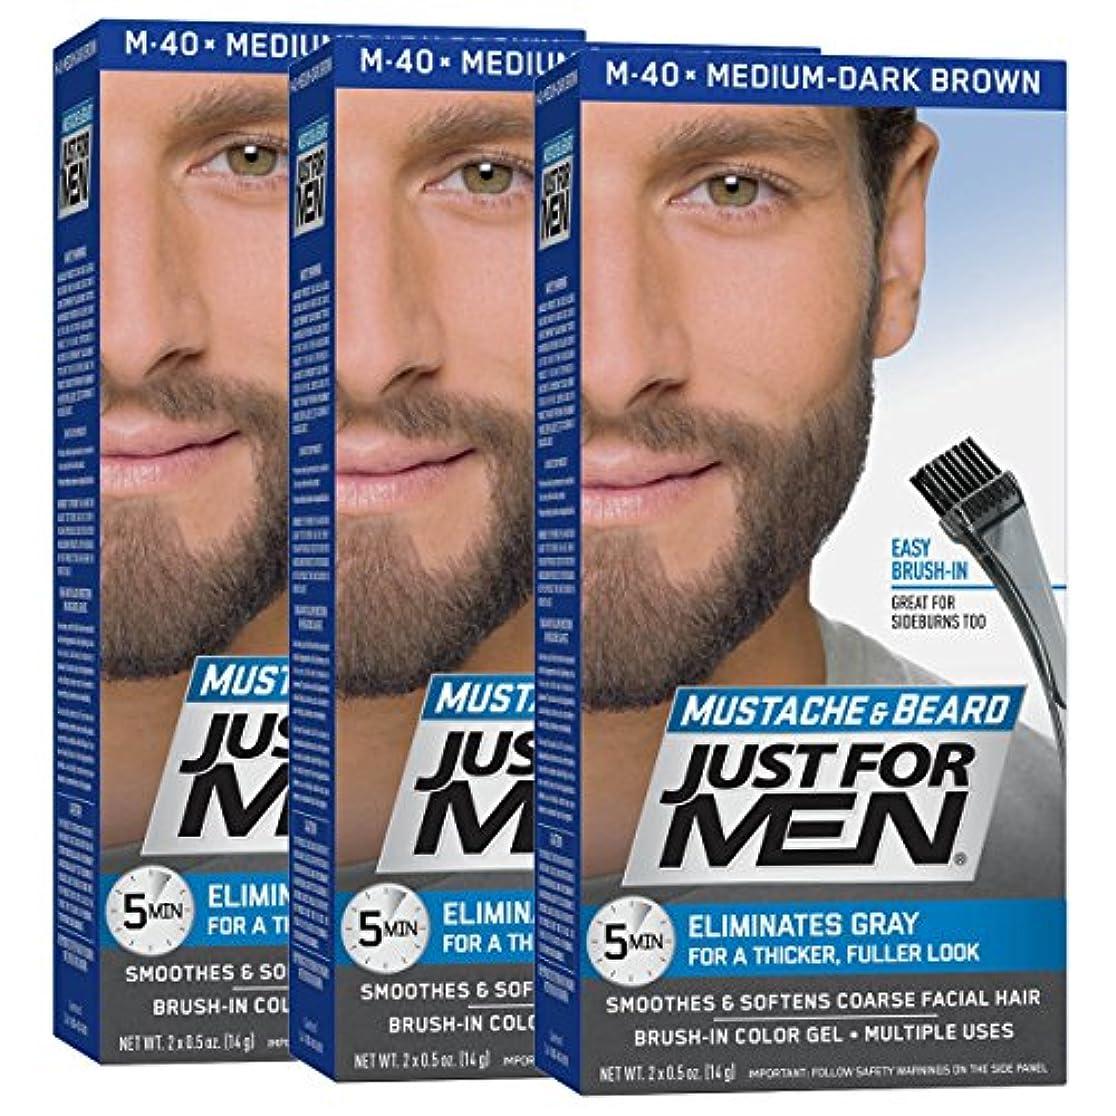 反毒セミナー当社Just for Men 口ひげ&髭ブラシ-のカラージェル、ミディアム?ダークブラウン(3パック、パッケージングは??変更になる場合があります) 3 05ミディアム、ダークブラウン